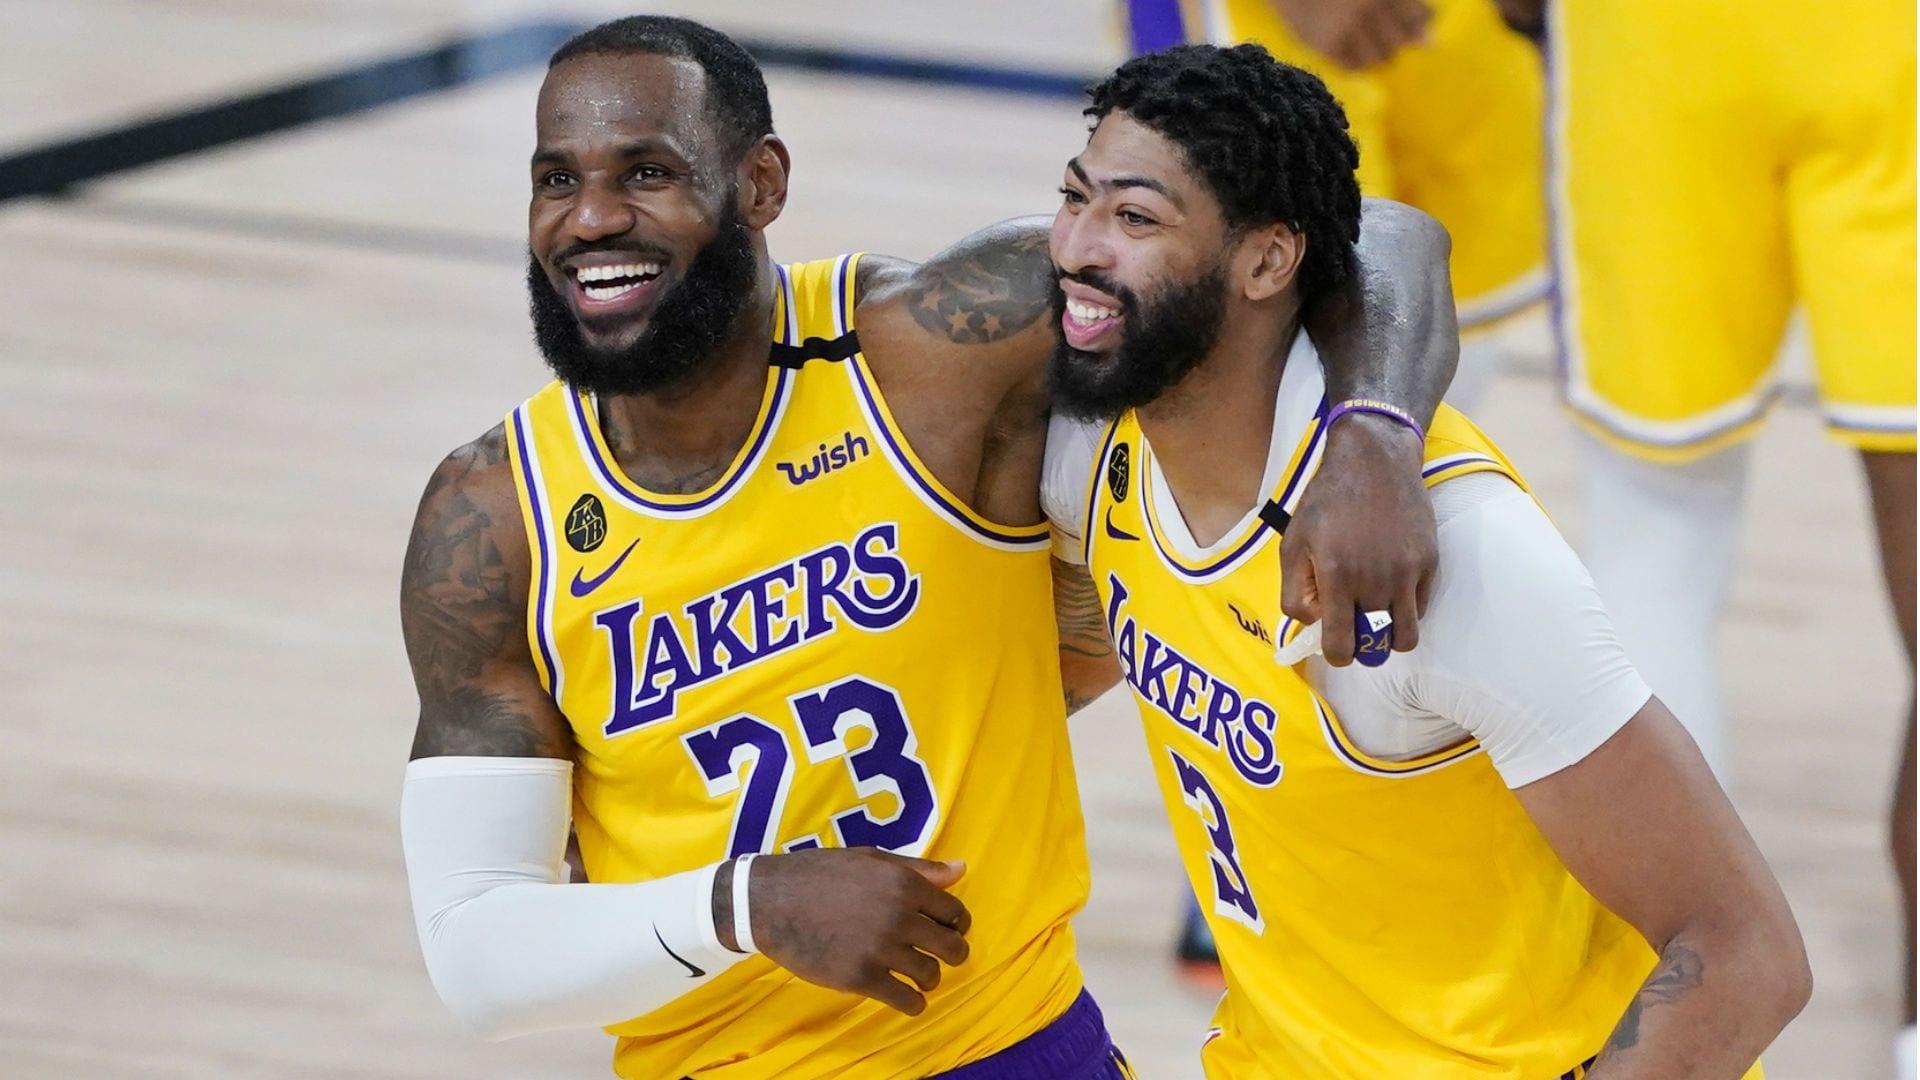 庫茲馬將離隊?湖人總經理宣布要組三巨頭,Beal有望搭檔一眉哥+詹姆斯!-黑特籃球-NBA新聞影音圖片分享社區